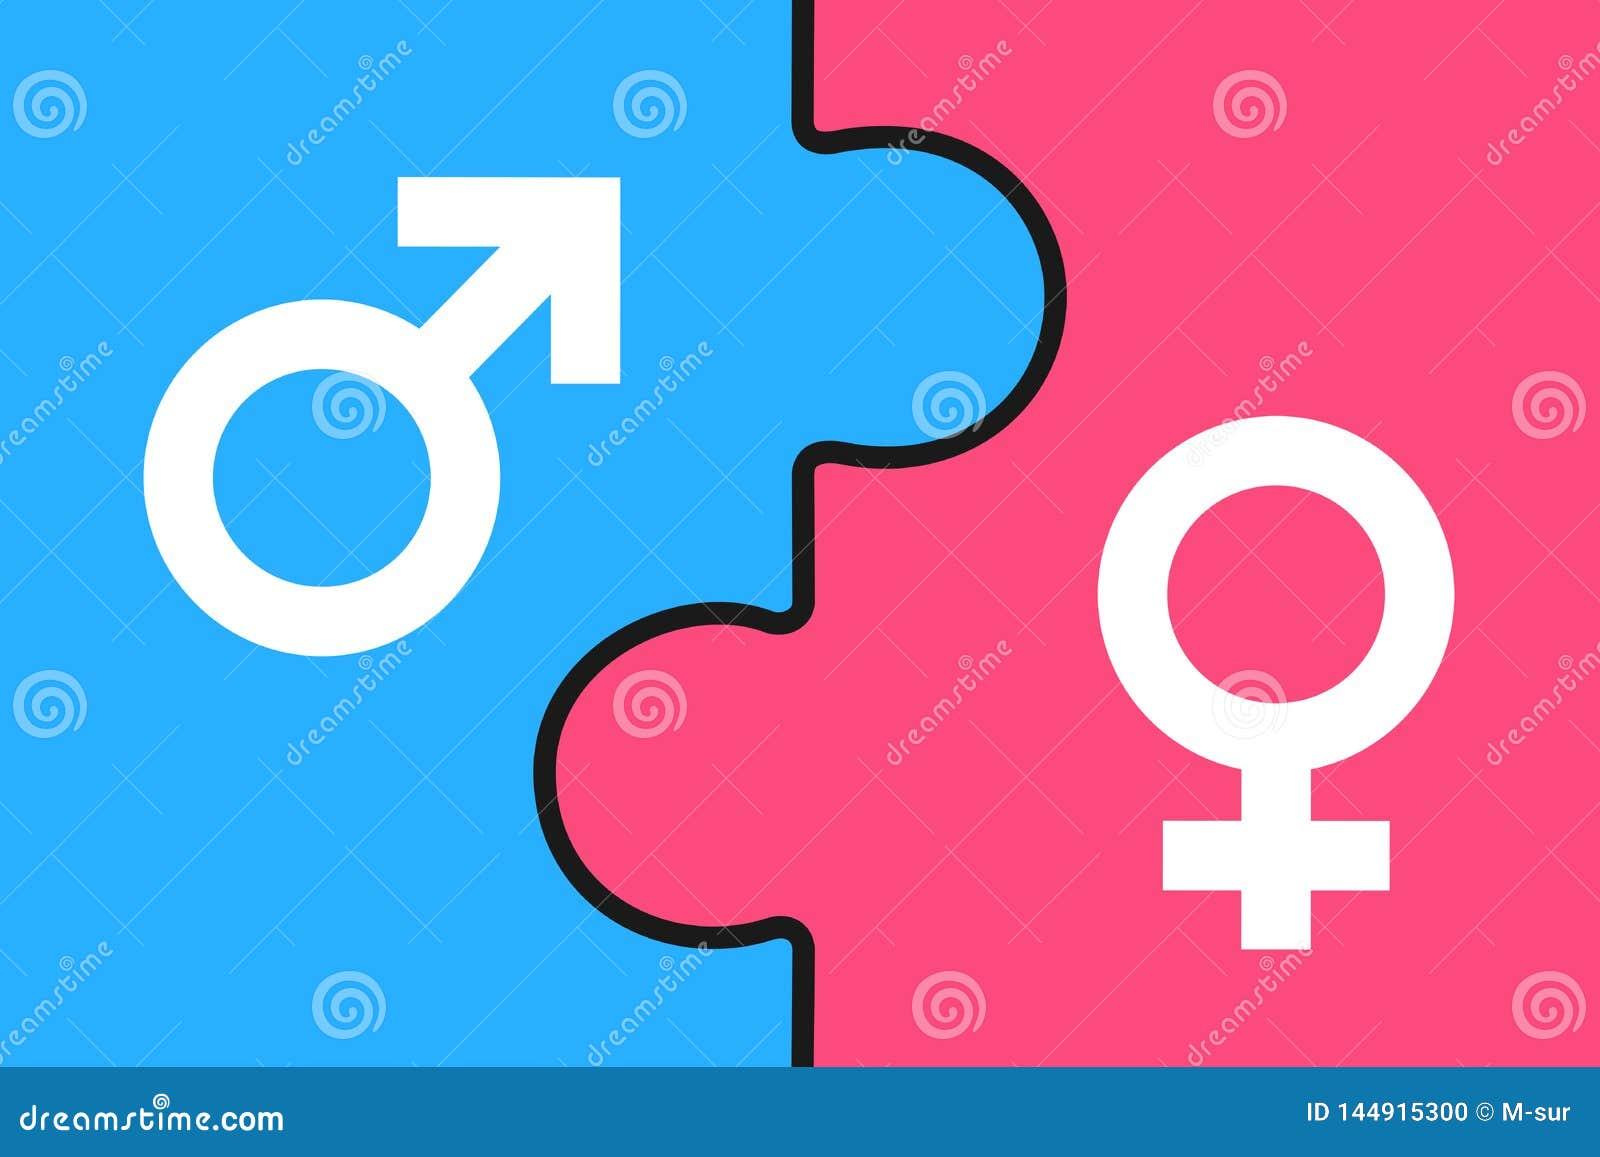 困惑-男人和妇女/男性和女性作为补全性和性别